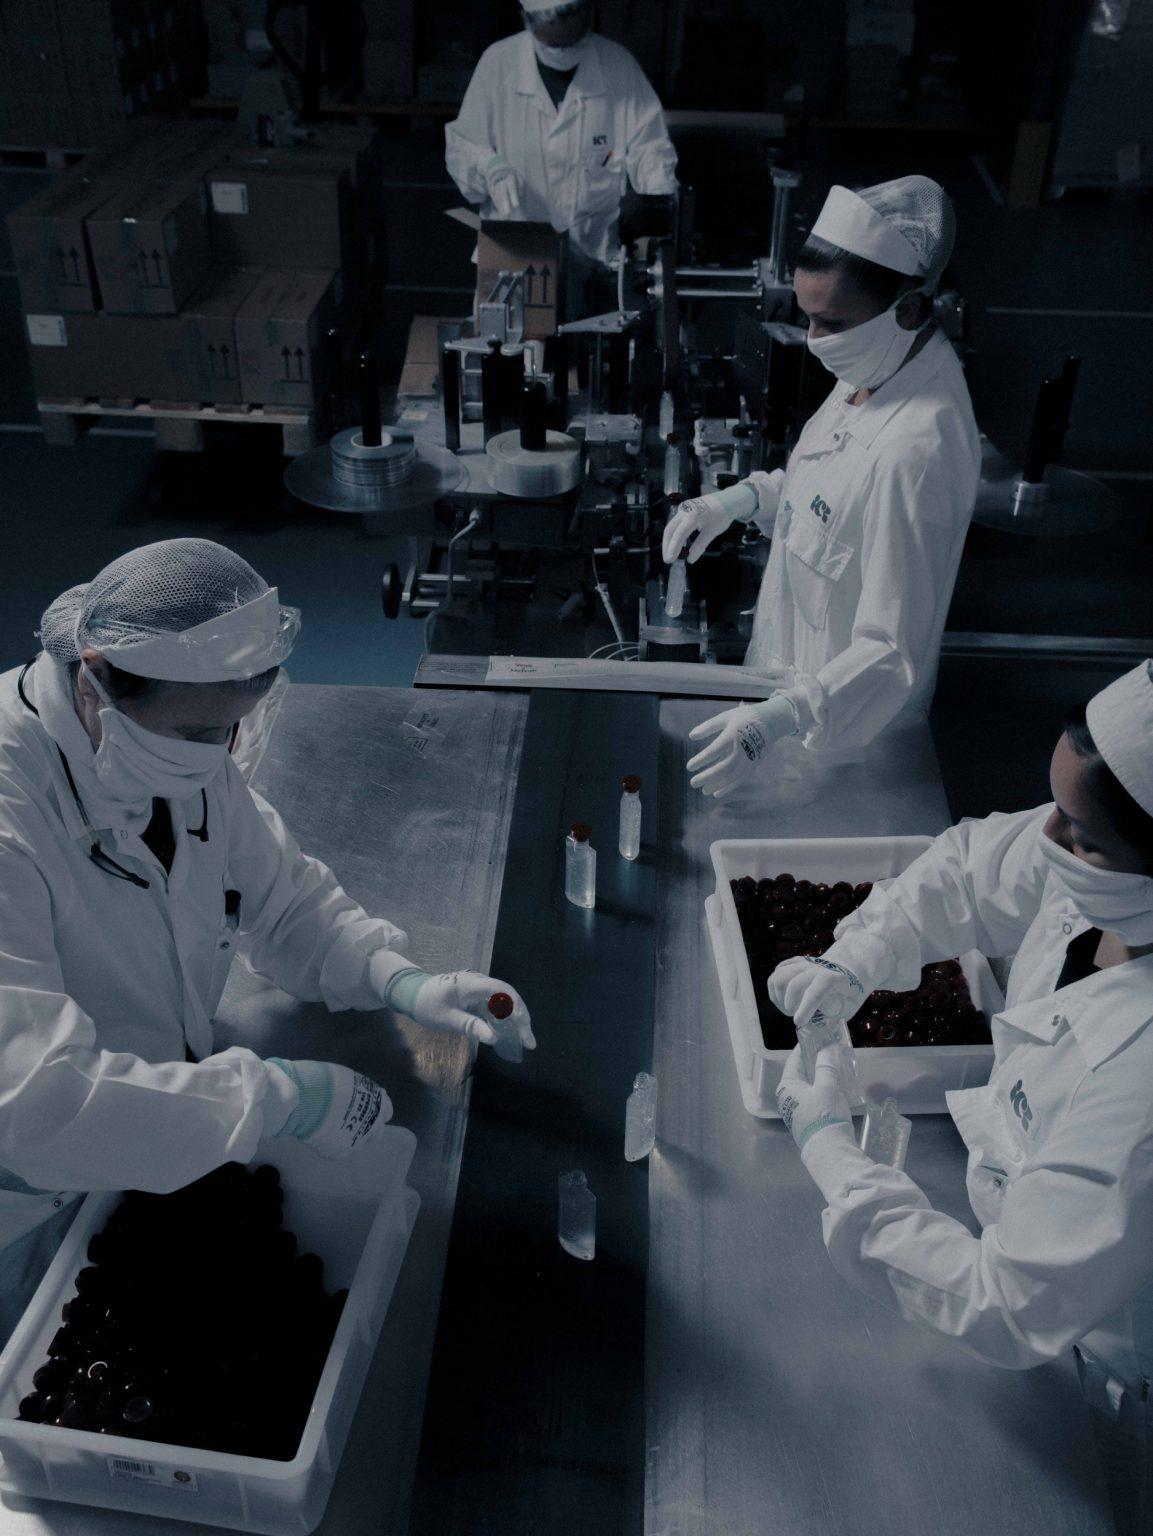 April 16th, 2020  Inside ICS S.p.a. (Industrie Cosmetiche Riunite), in Lodi, Lombardy.  ICS started producing hand disinfectant on behalf of the luxury brand Bulgari in response to the COVID 19 outbreak.  16 aprile 2020  All'interno di ICS S.p.a. (Industrie Cosmetiche Riunite), a Lodi, Lombardia. ICS ha iniziato a produrre disinfettante per le mani per conto del marchio di lusso Bulgari in risposta all'epidemia di COVID 19.  In questa immagine: una delle due linee di produzione attive, dove il disinfettante viene imbottigliato da un processo parzialmente automatizzato.